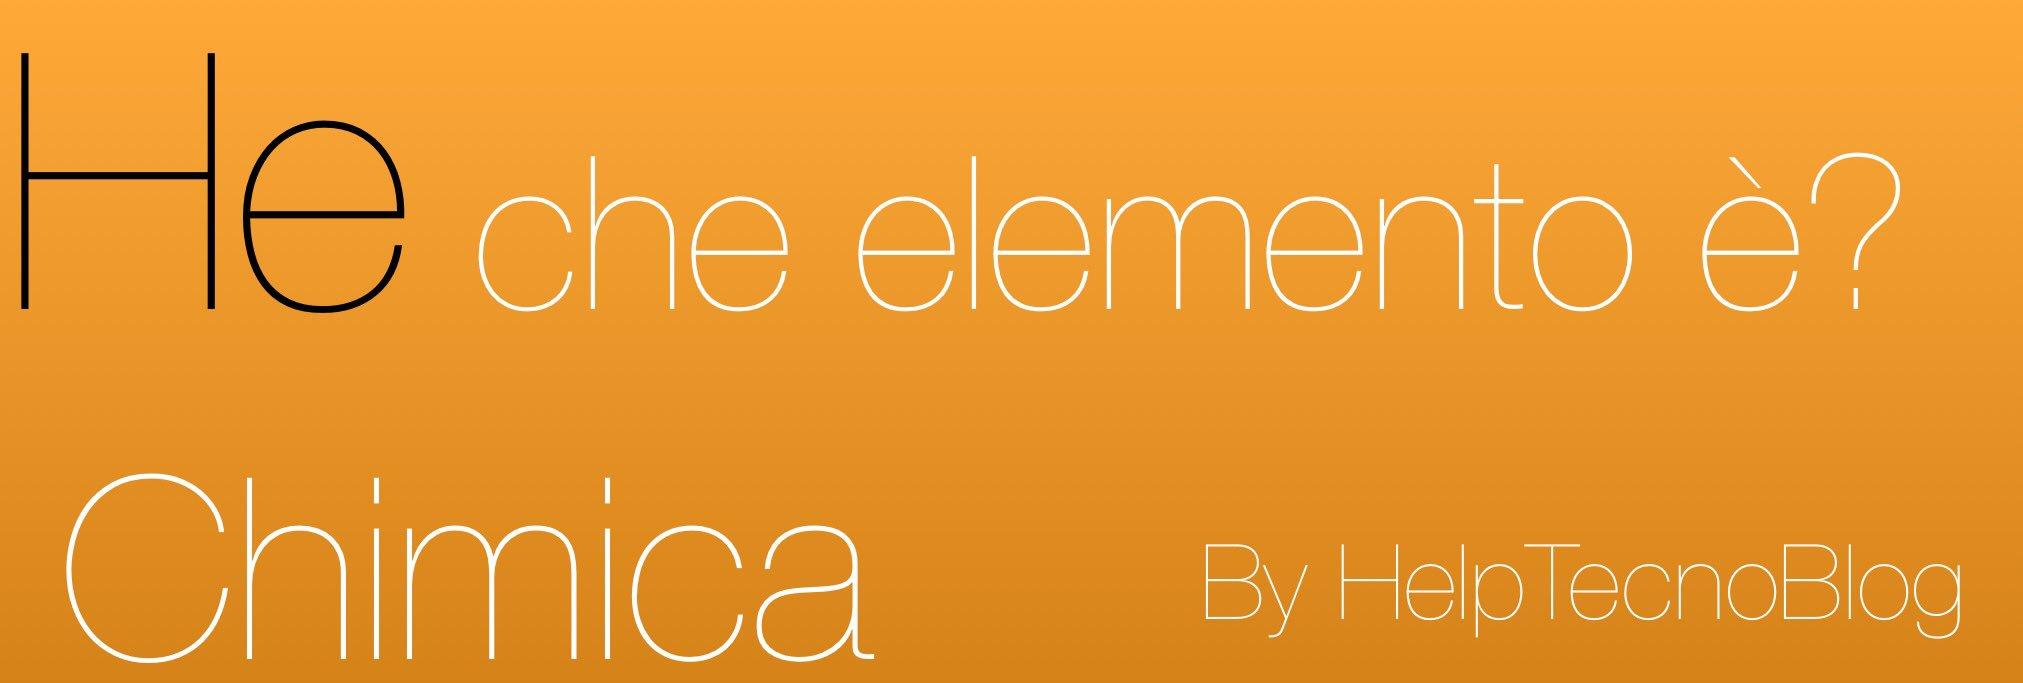 He che elemento è in chimica?